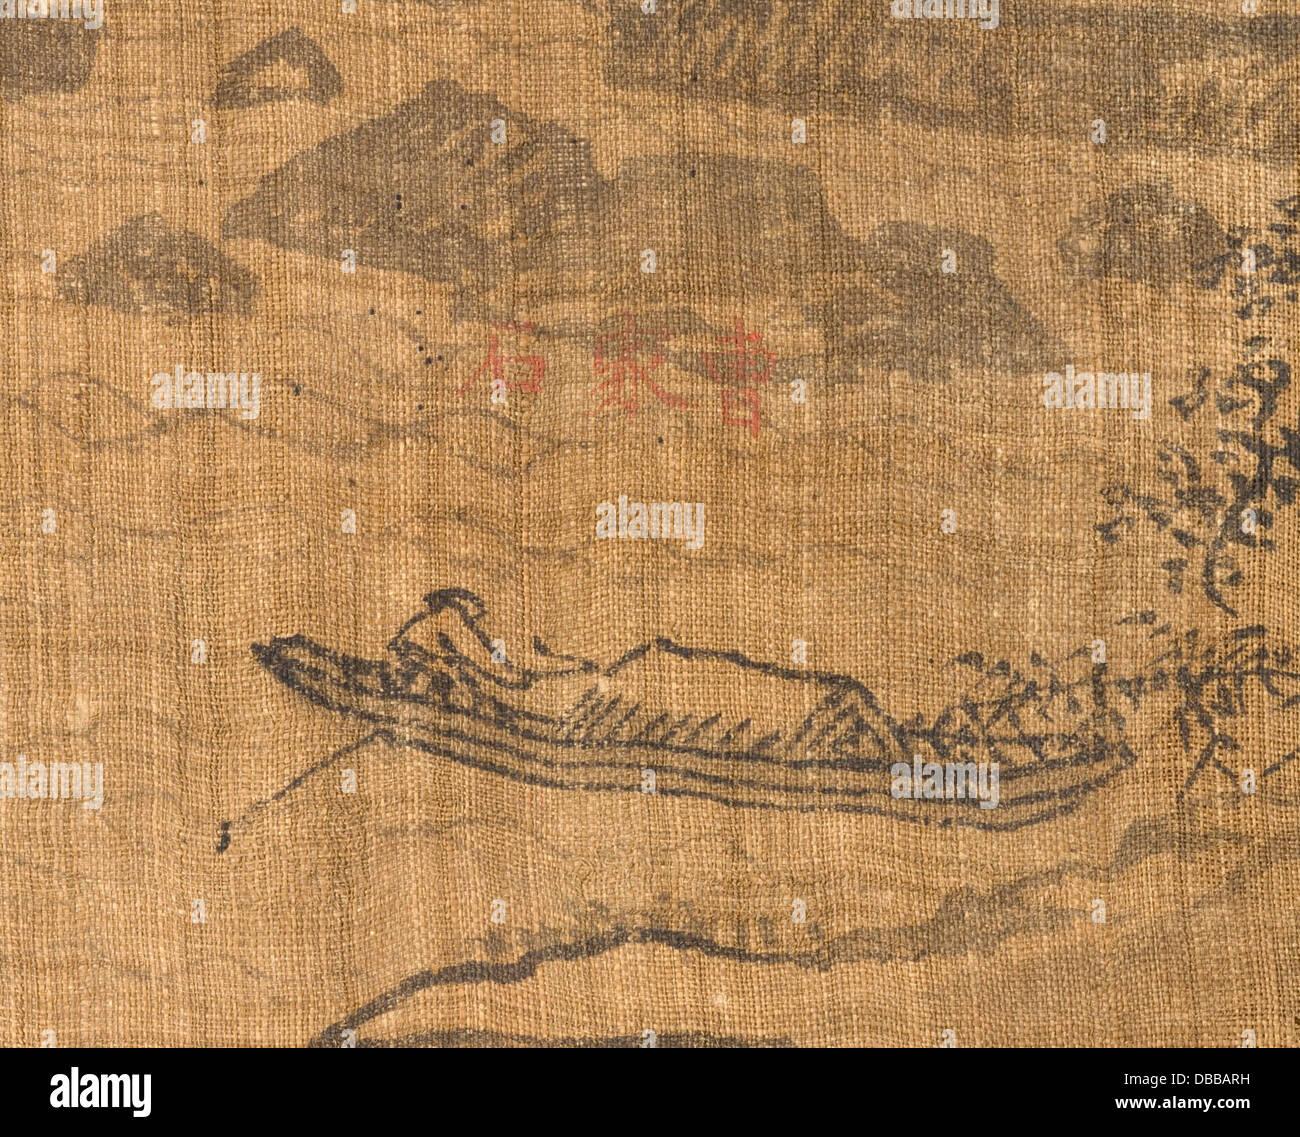 Die sechste der neun Kurven am Mount Wuyi, China M.2000.15.20 (2 von 5) Stockfoto